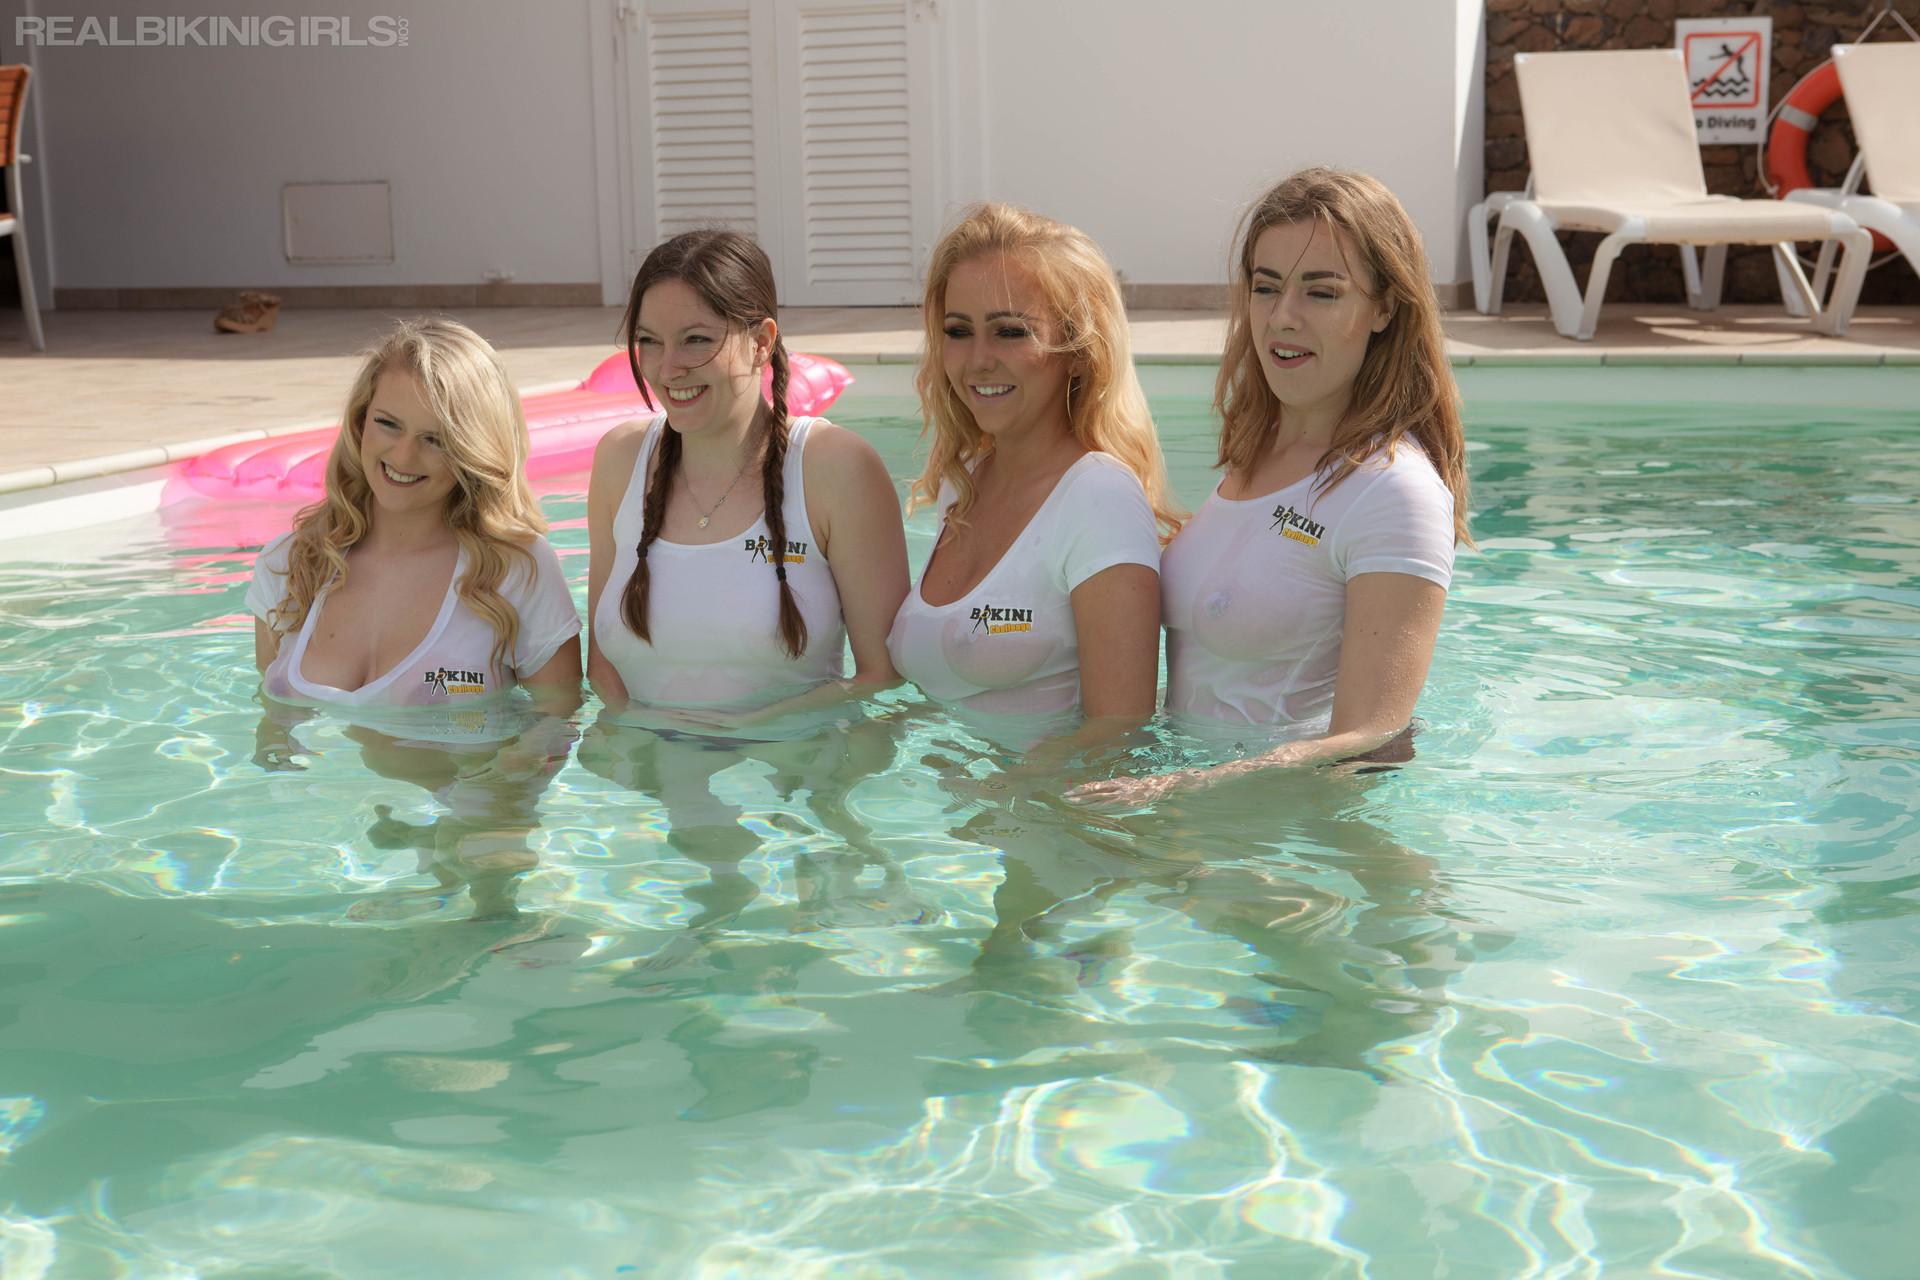 lycia-joey-beth-rosa-splashing-around-100